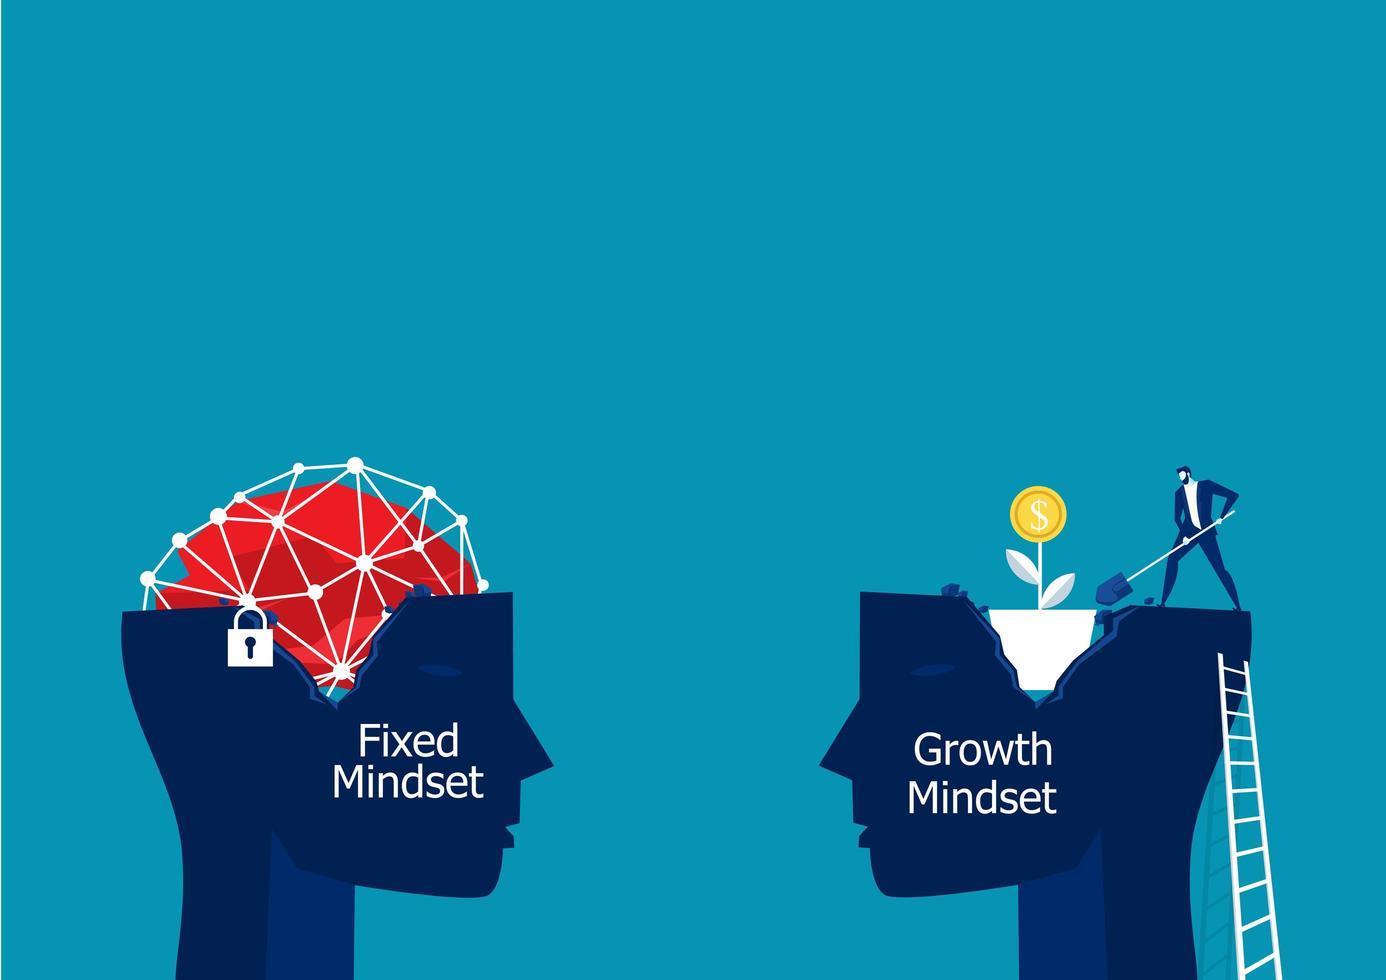 cabeça de mentalidade fixa e cabeça de mentalidade de crescimento vetor